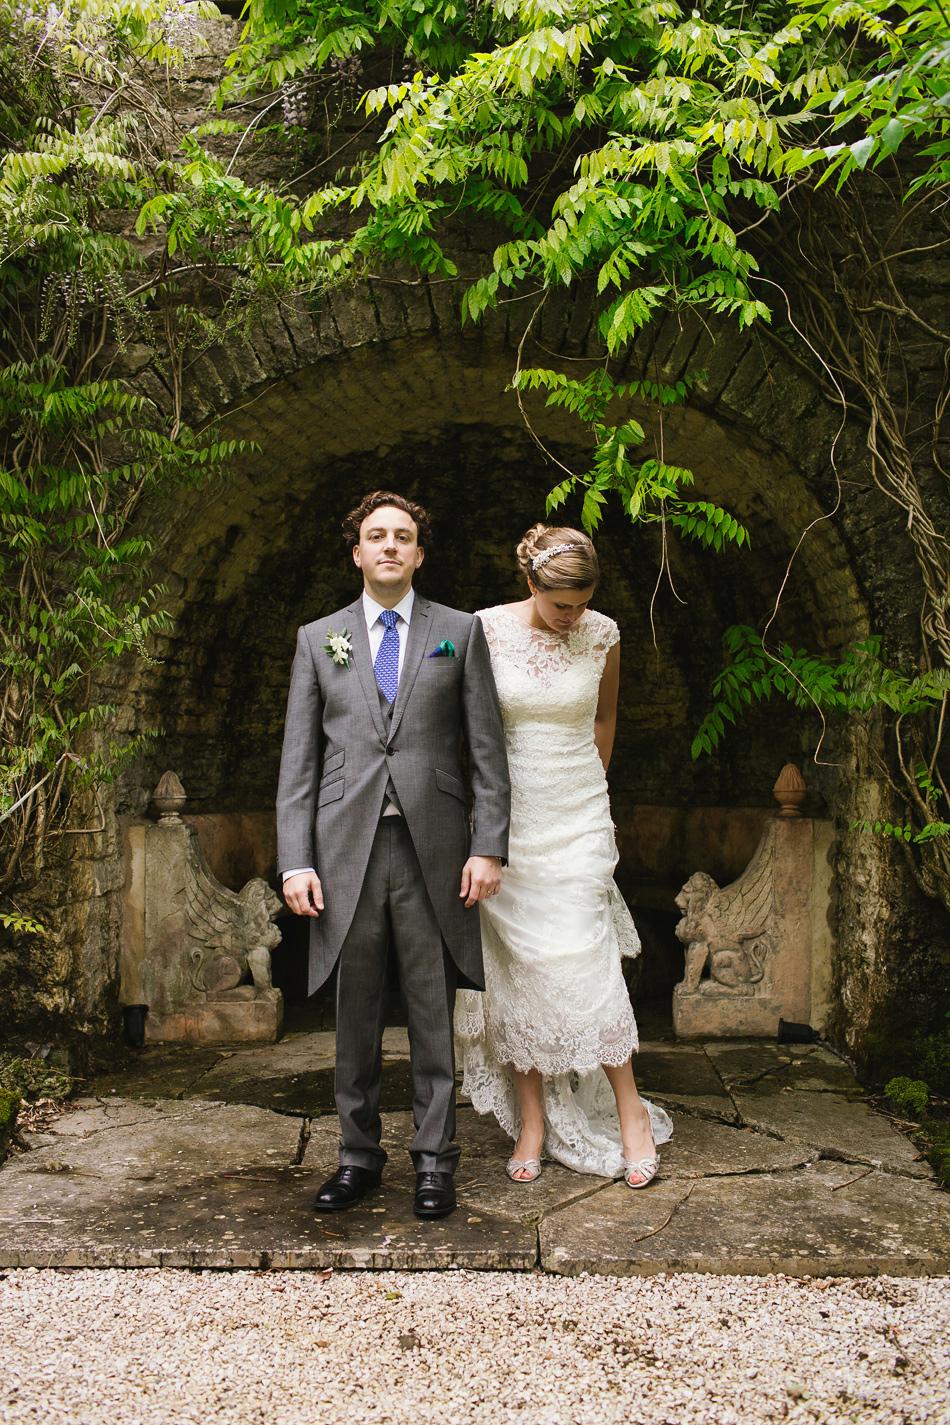 brisbane wedding photographer wedding portrait photographer sunshine coast